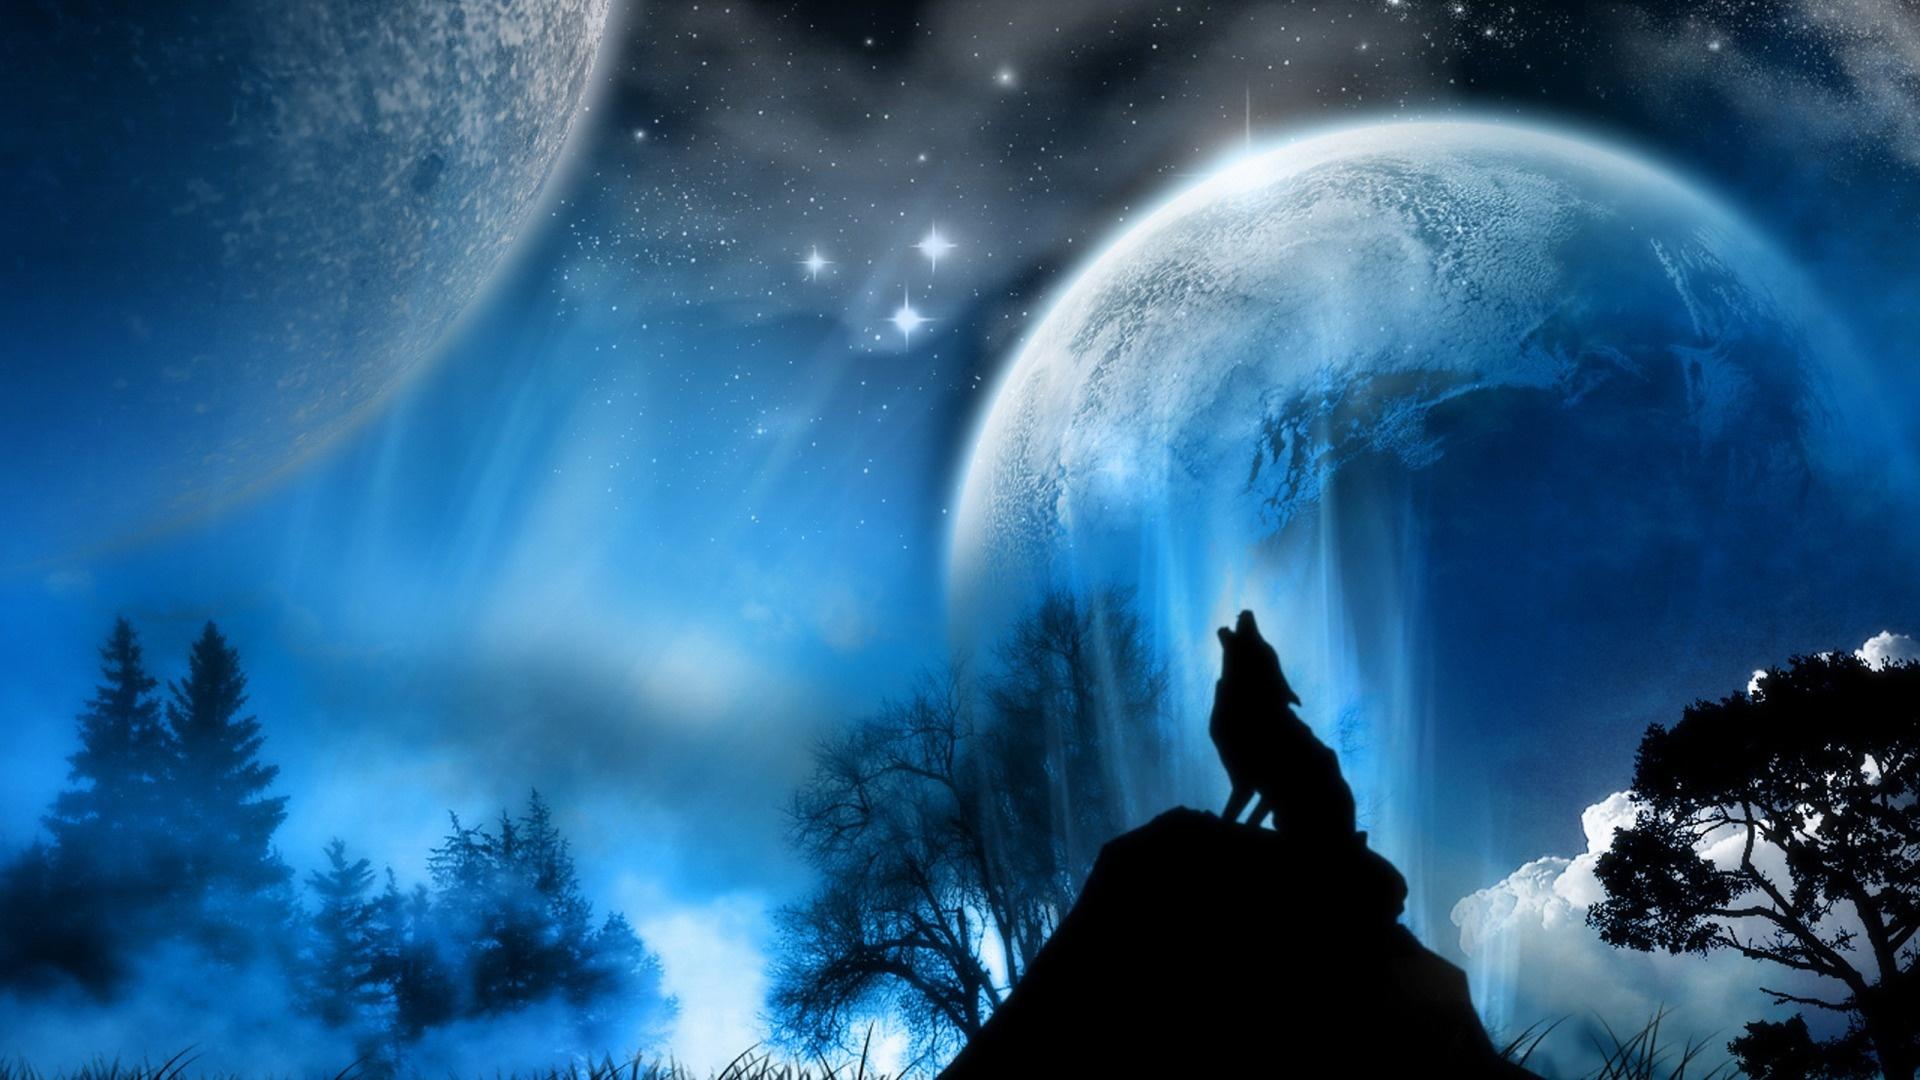 Wolf Wallpaper 024